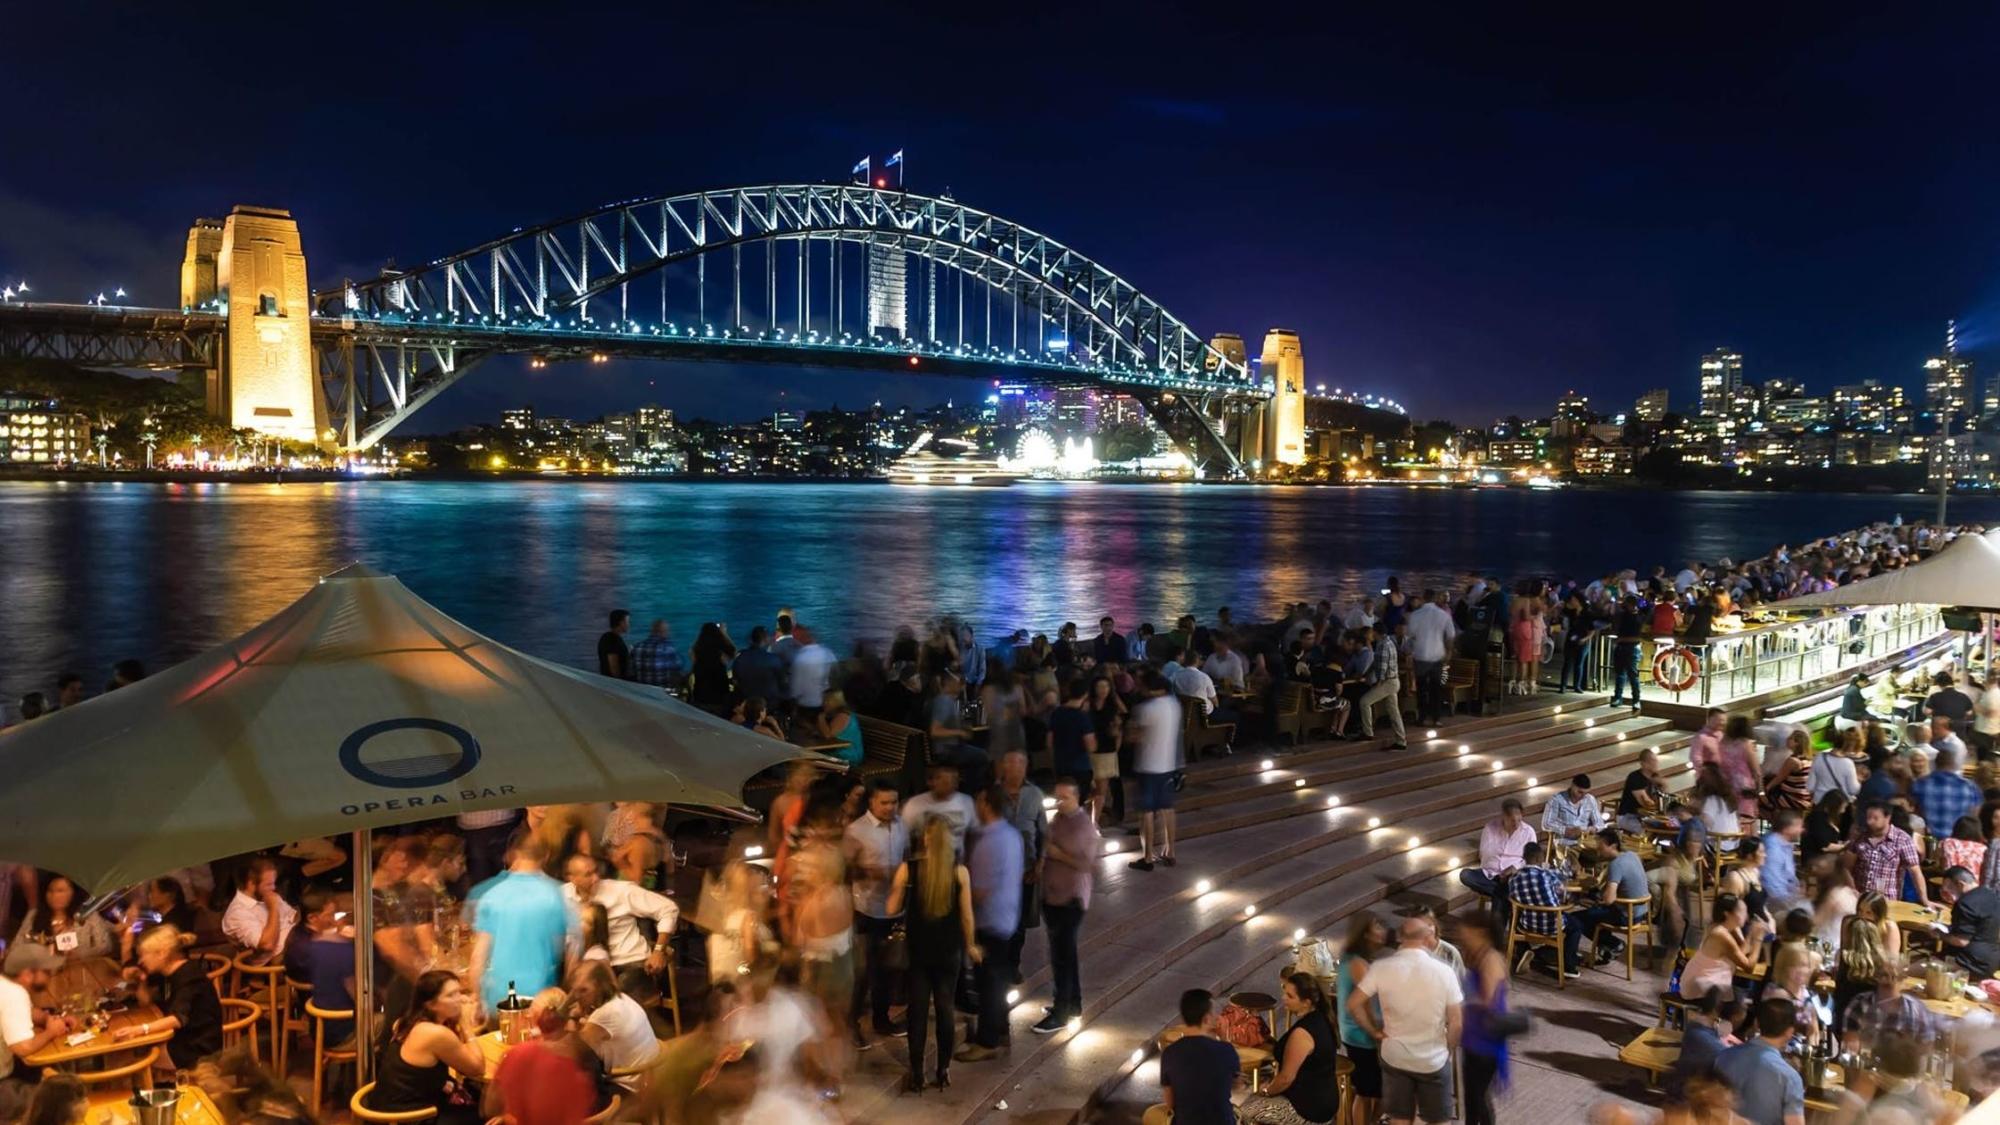 圖片/澳洲 Pexel